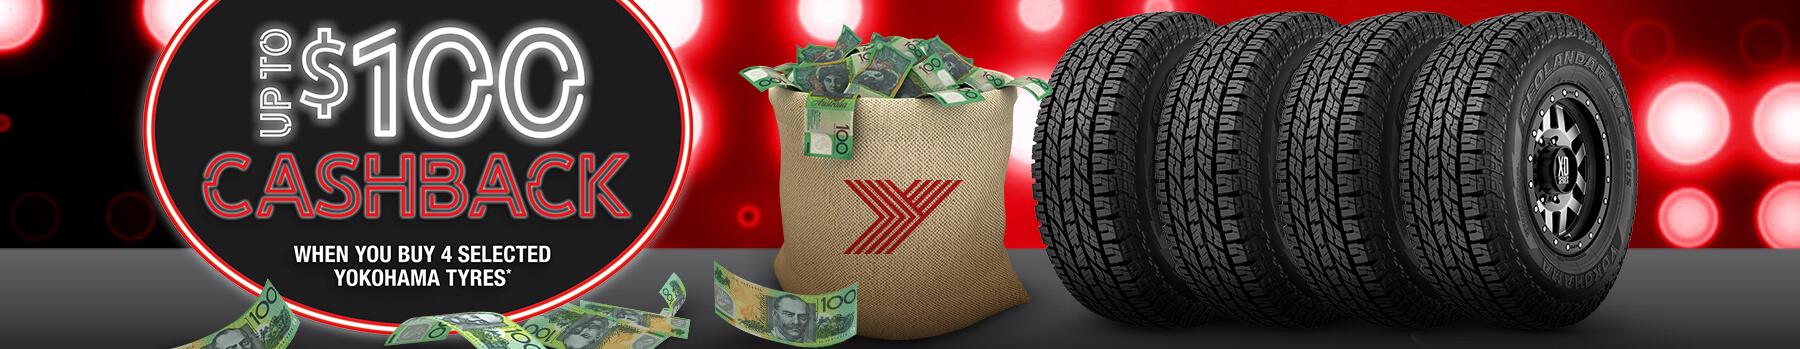 Up to $100 Cashback when you buy 4 selected Yokohama tyres